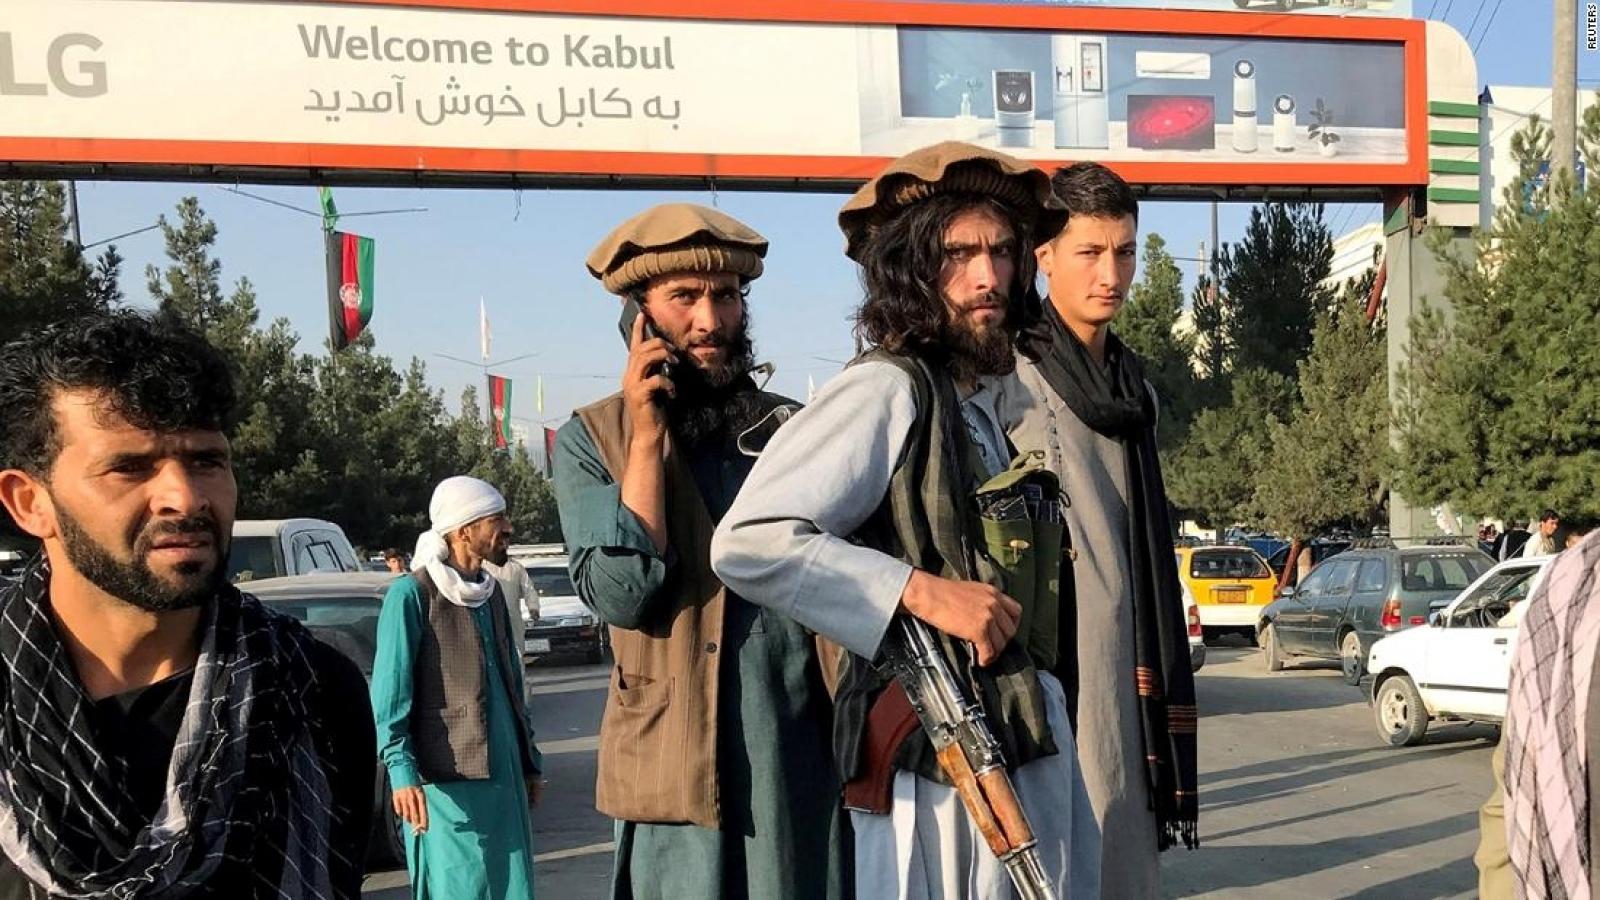 Trung Quốc kêu gọi dừng trừng phạt kinh tế Afghanistan, Taliban kêu gọi quốc tế công nhận